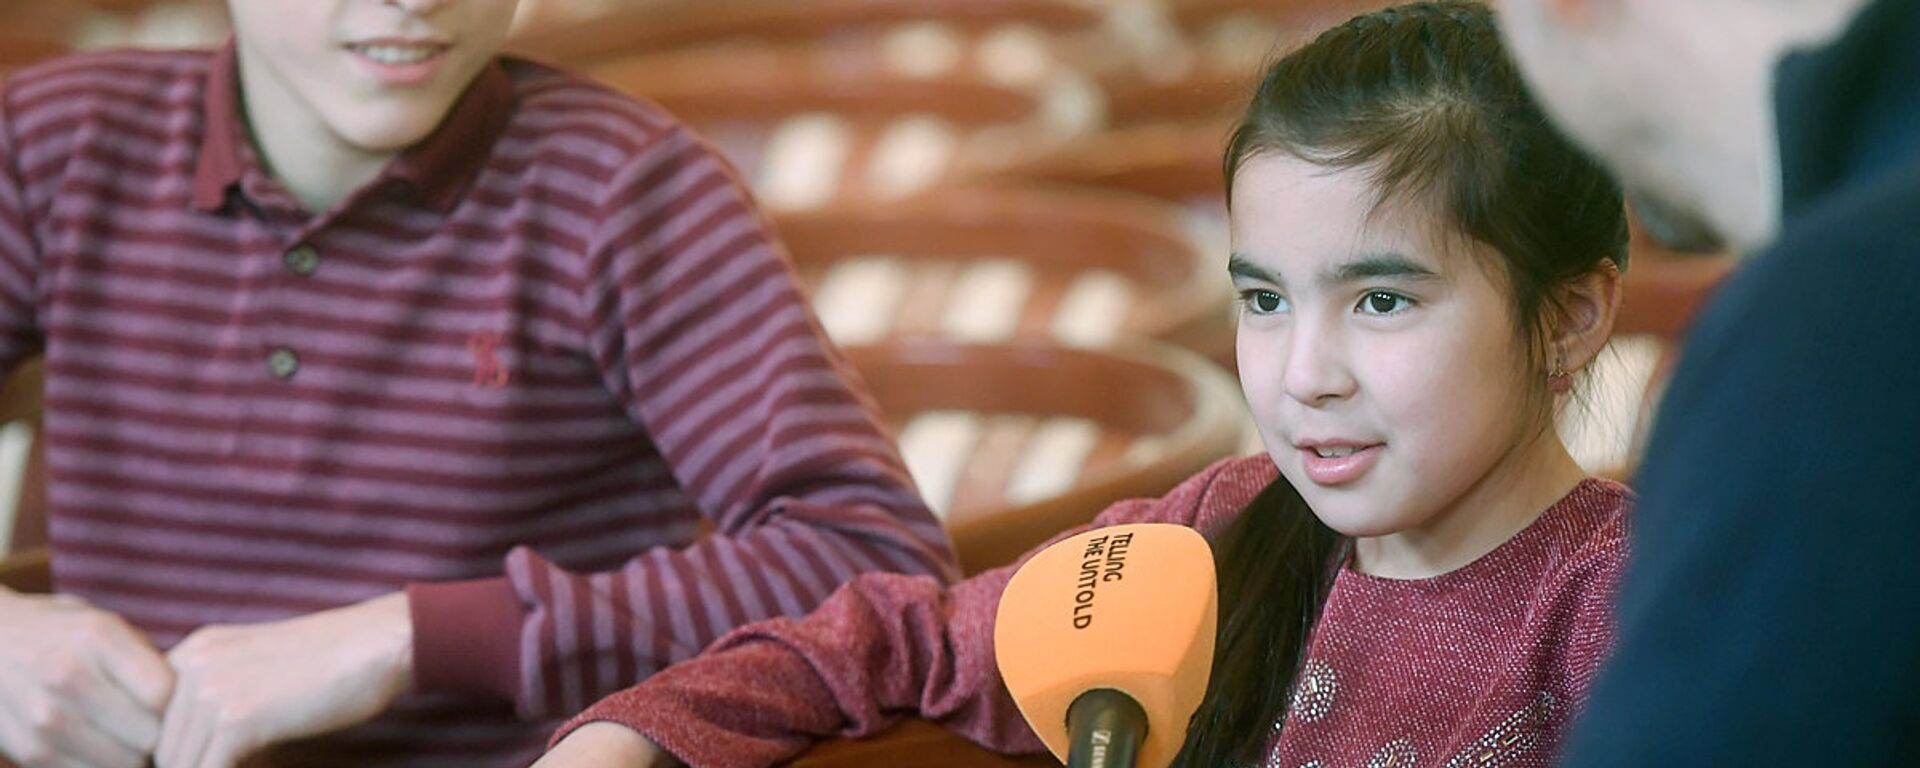 Участники проекта Ты супер! из Узбекистана во время интервью - Sputnik Узбекистан, 1920, 16.02.2018